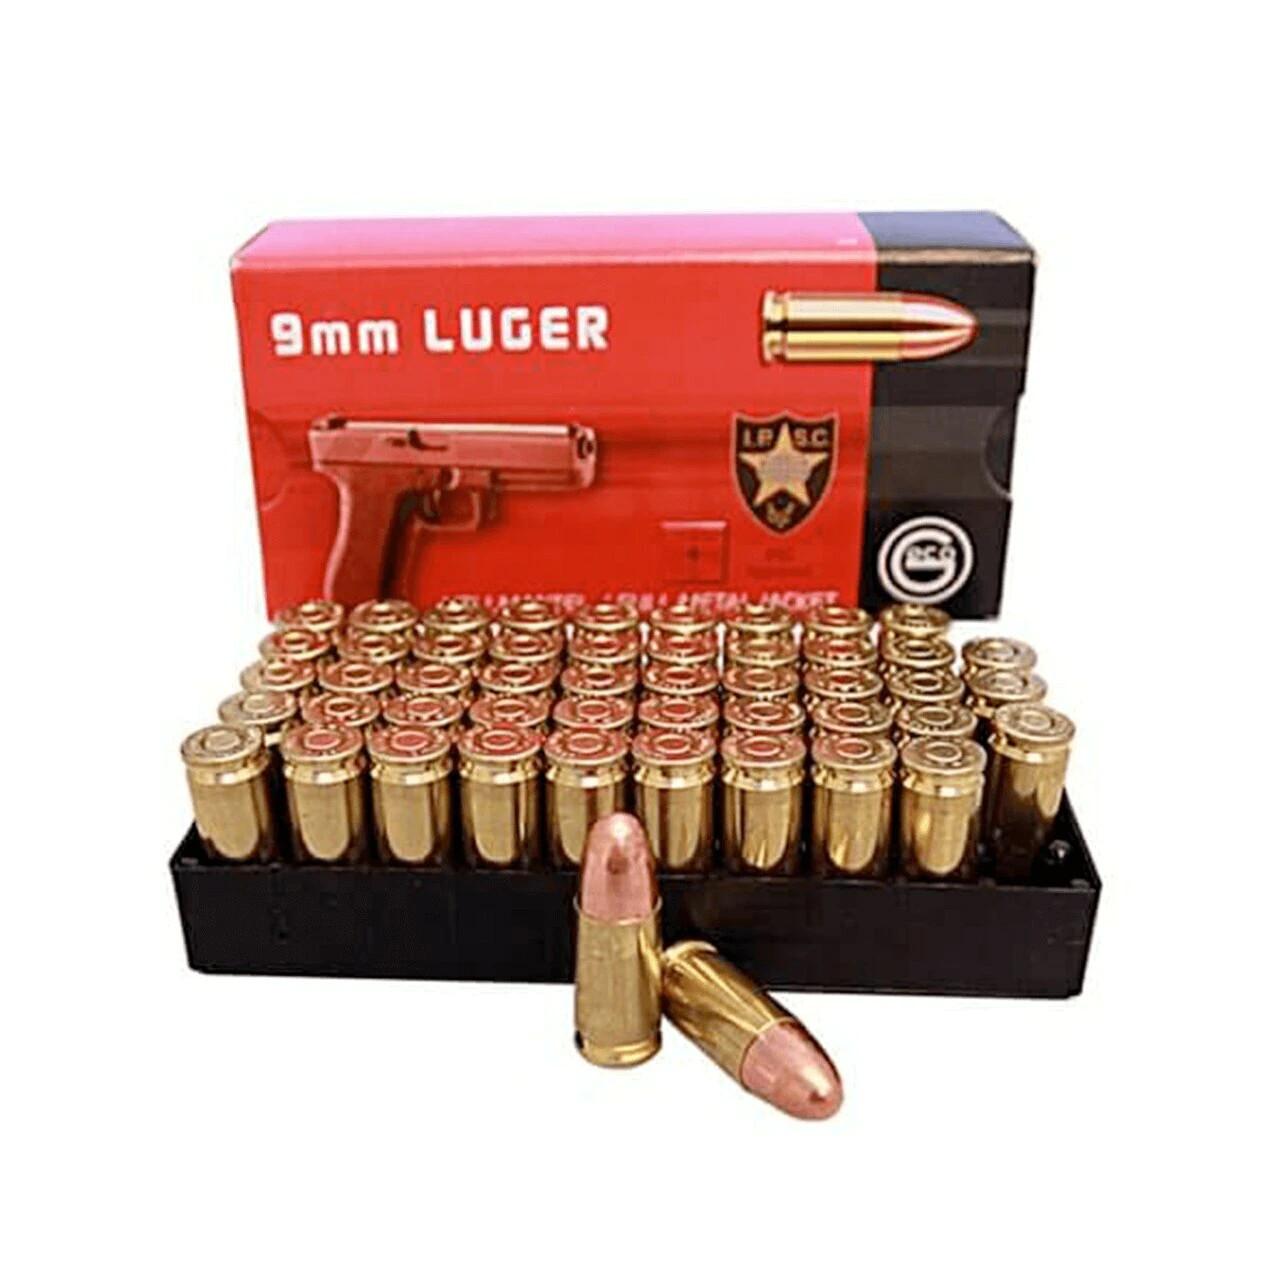 GECO 9mm 124gr Target FMJ RN 1,000rd Case